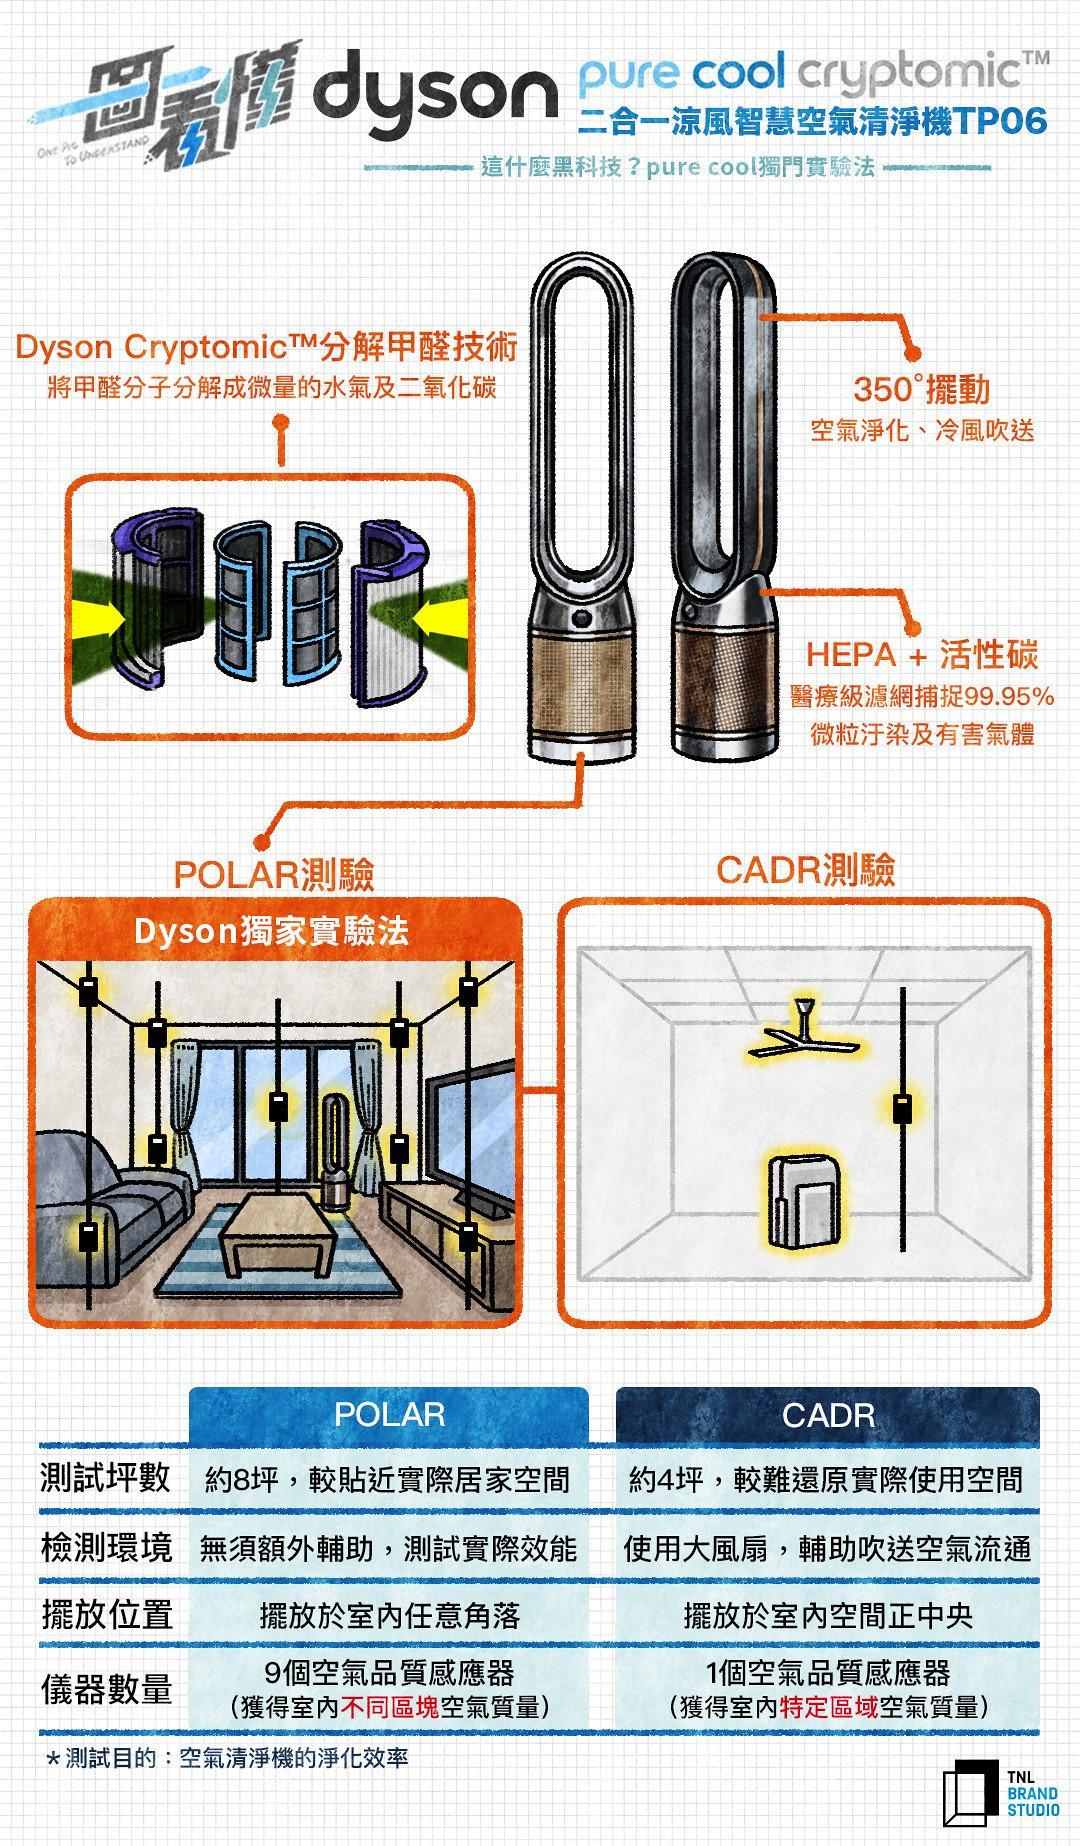 一圖看懂 這是什麼黑科技?Dyson Pure Cool Cryptomic™ 空氣清淨機的獨門實驗法 #甲醛 (153710) - 癮科技 Cool3c